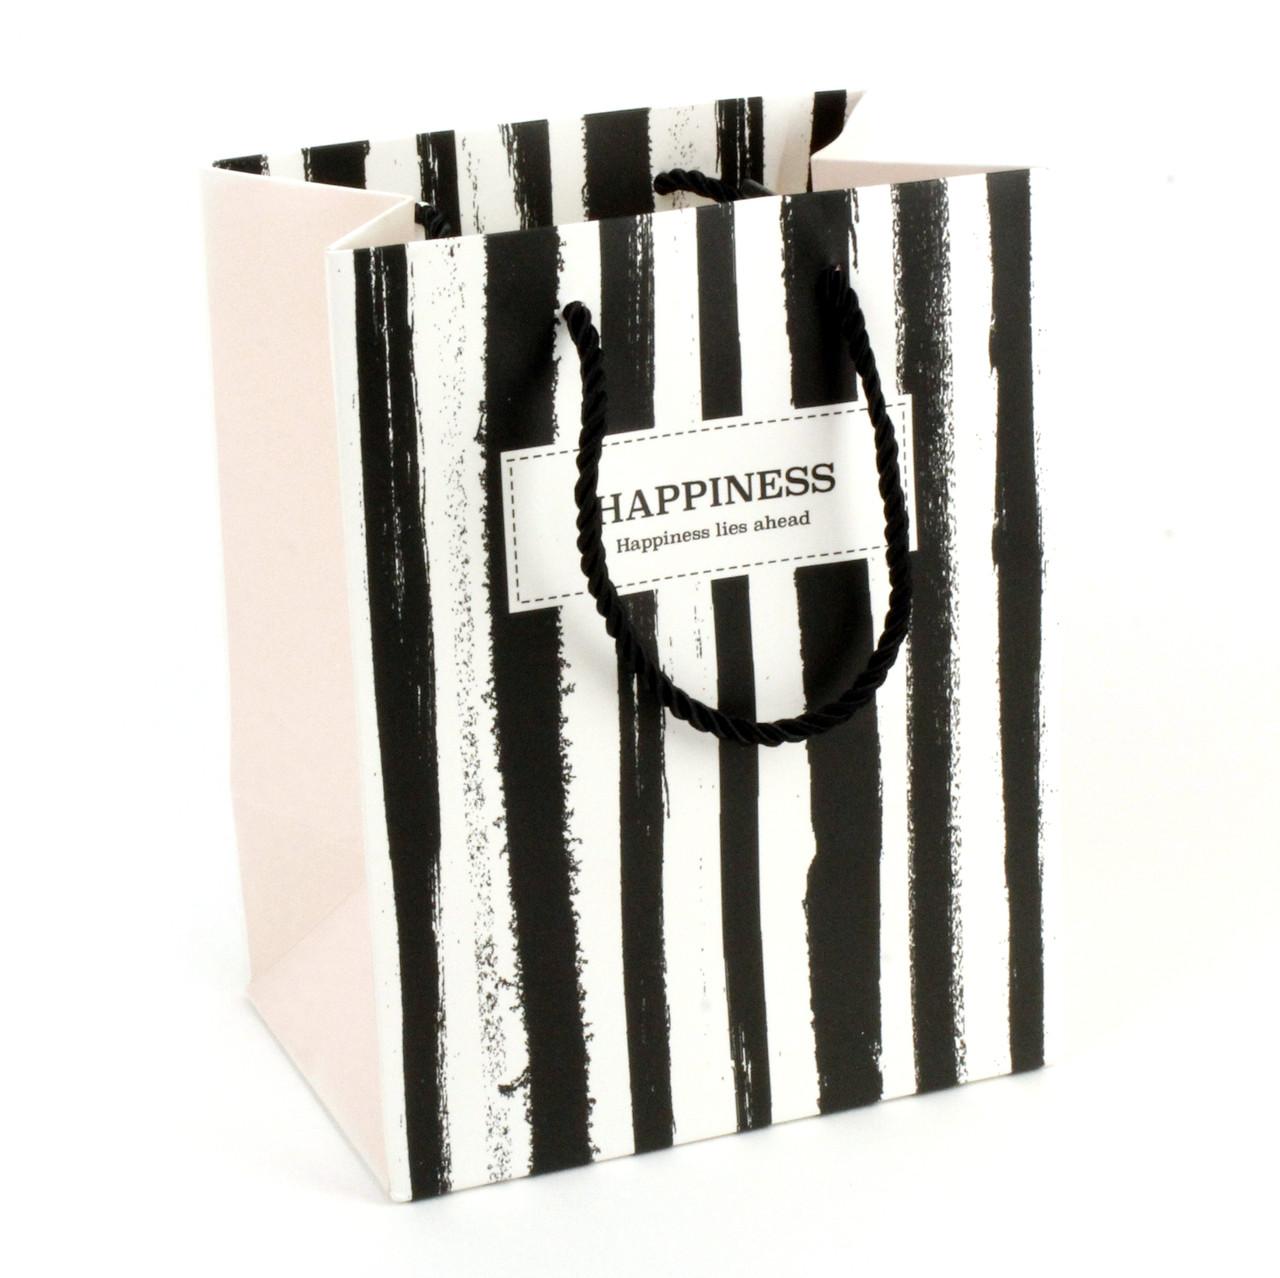 Подарочный пакет 14 x 15 x 7 см Happiness lies ahead вертикальная полоска